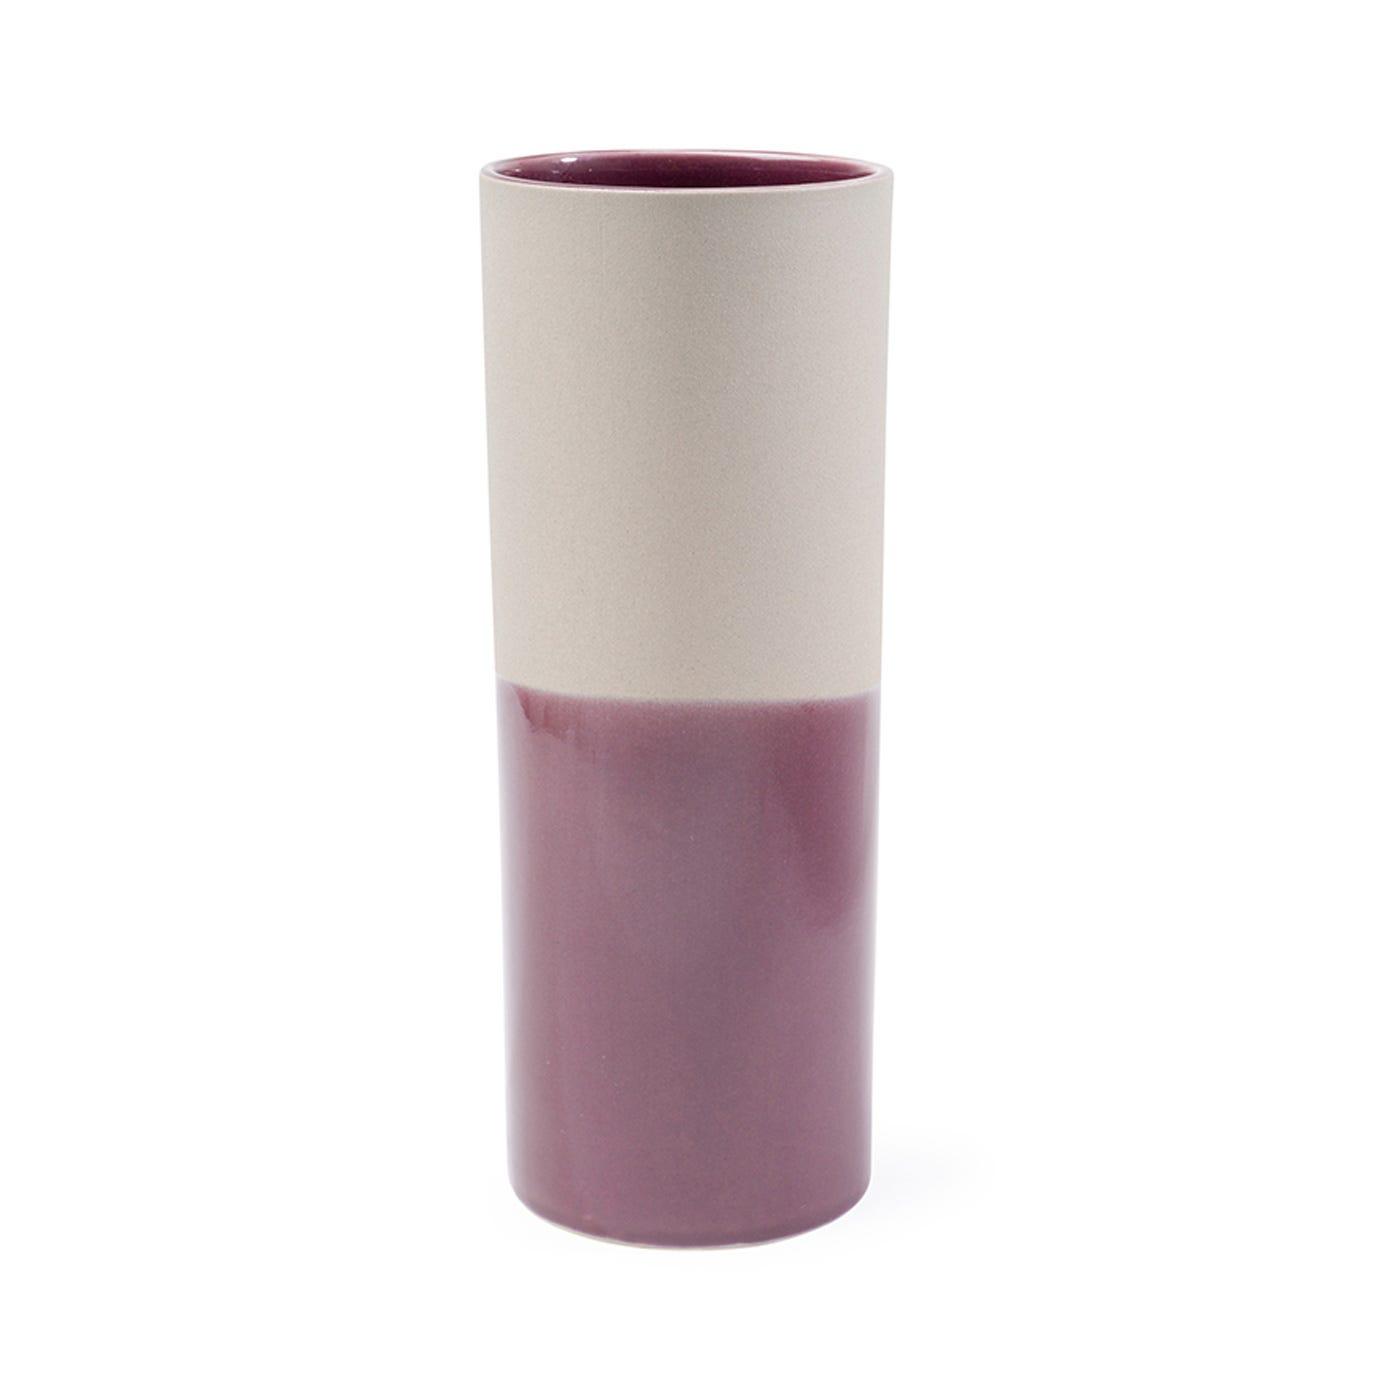 Dual Tone Vase Stone & Berry